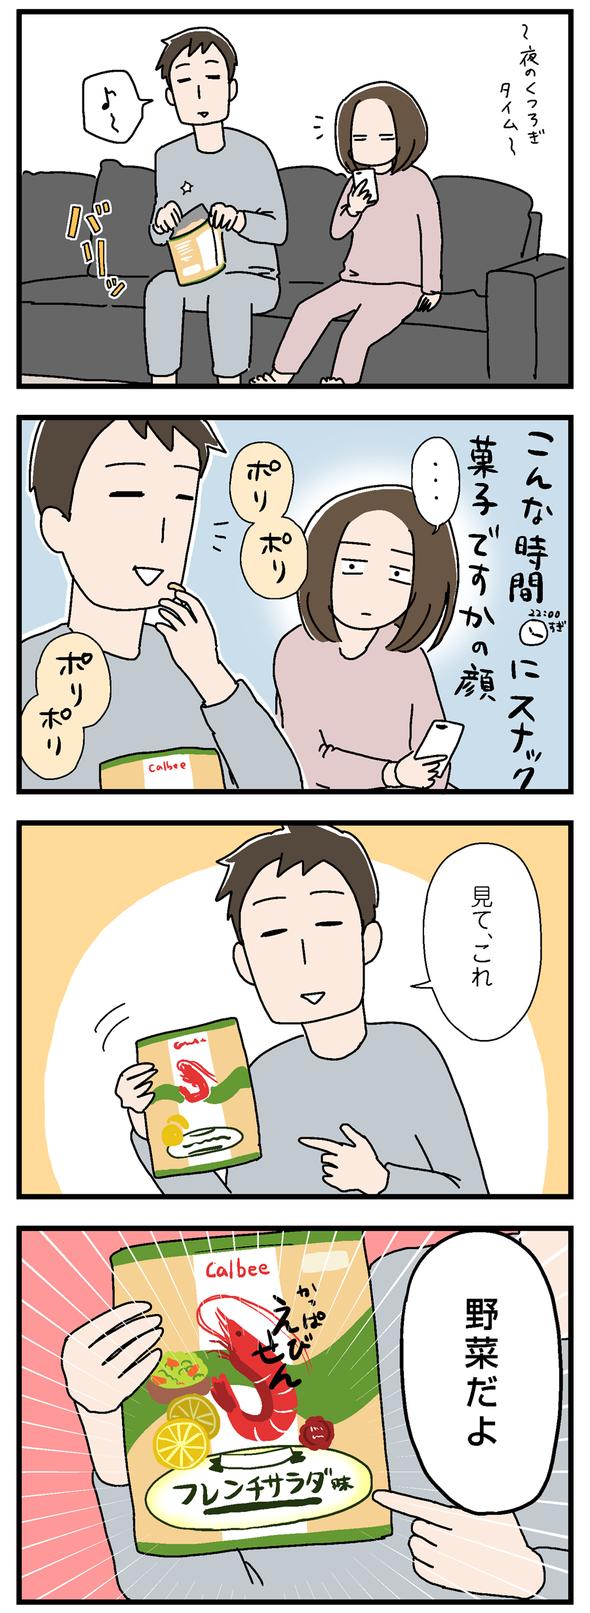 icchomae903